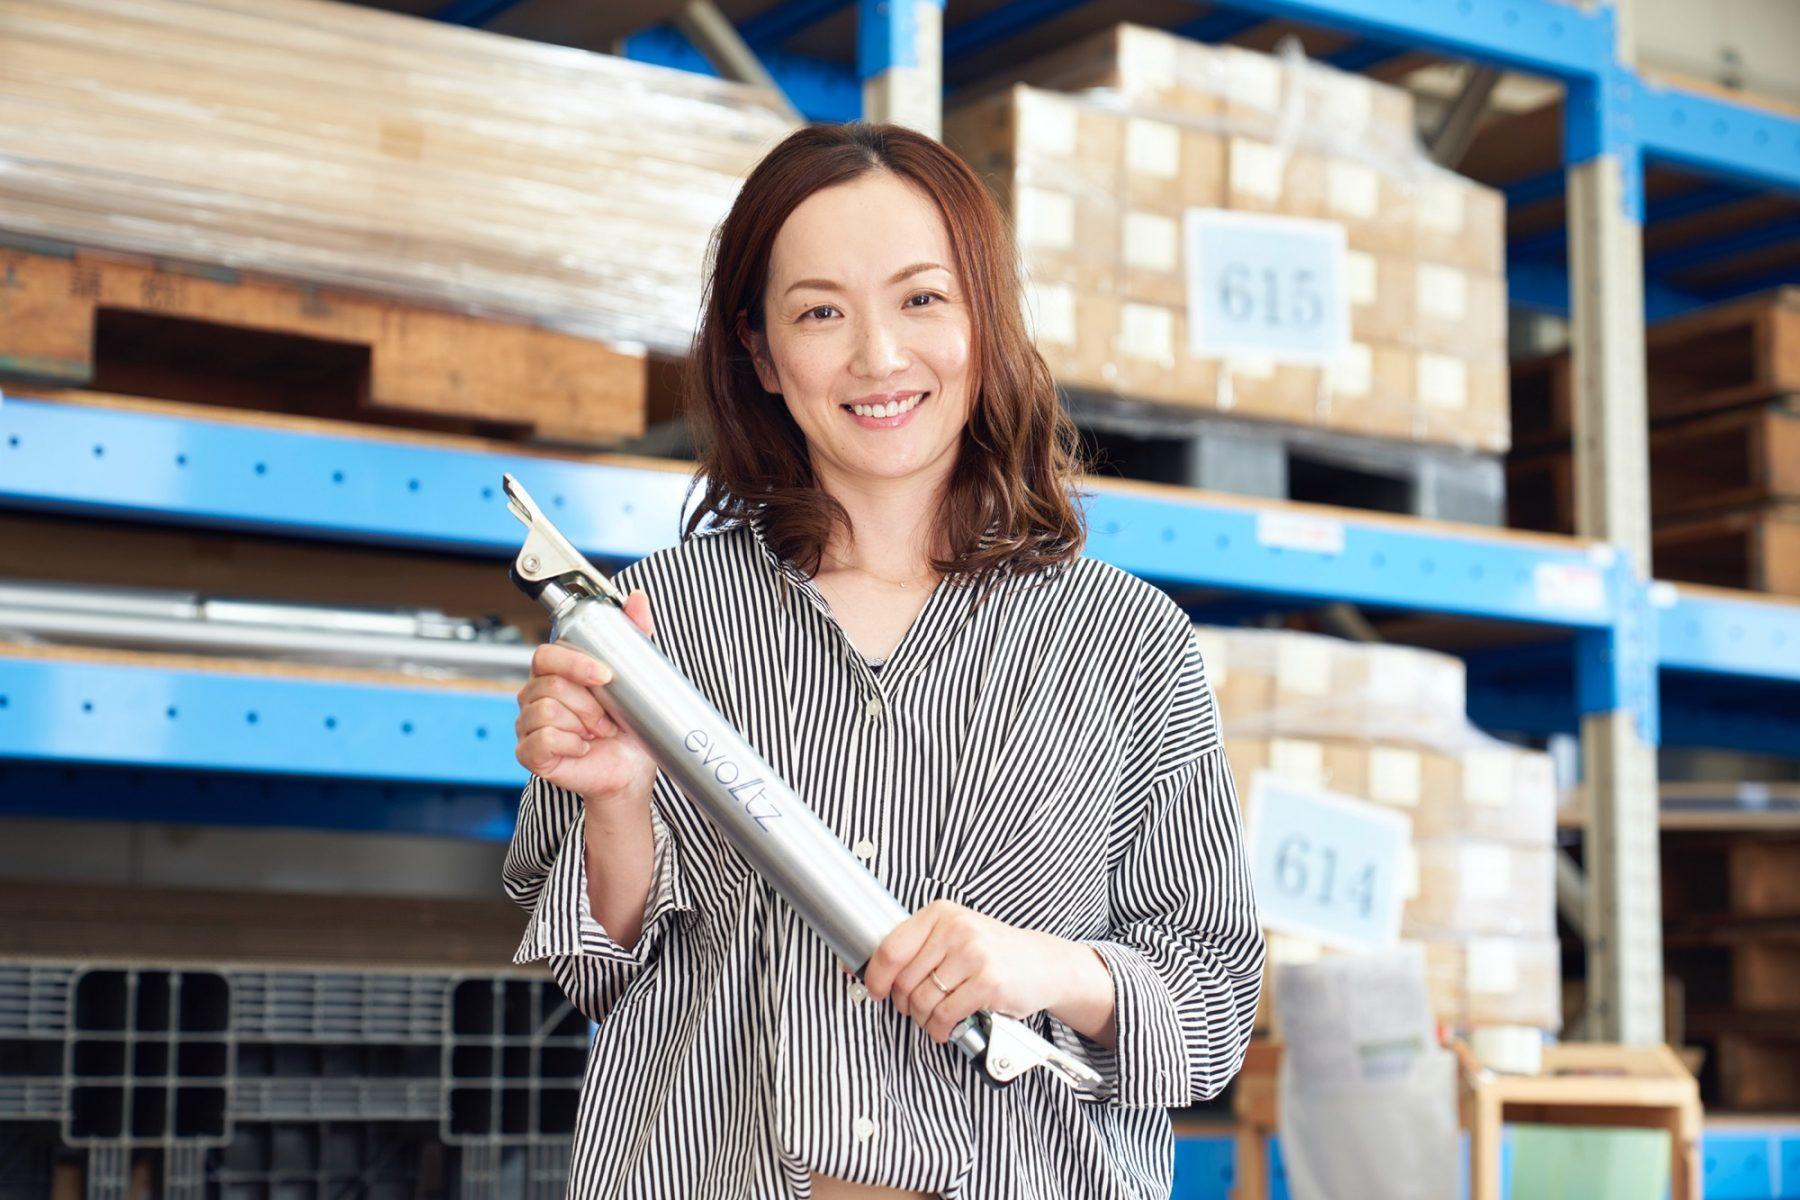 evoltzはお客様も、施工現場も、私たち満足できる自慢の製品です。